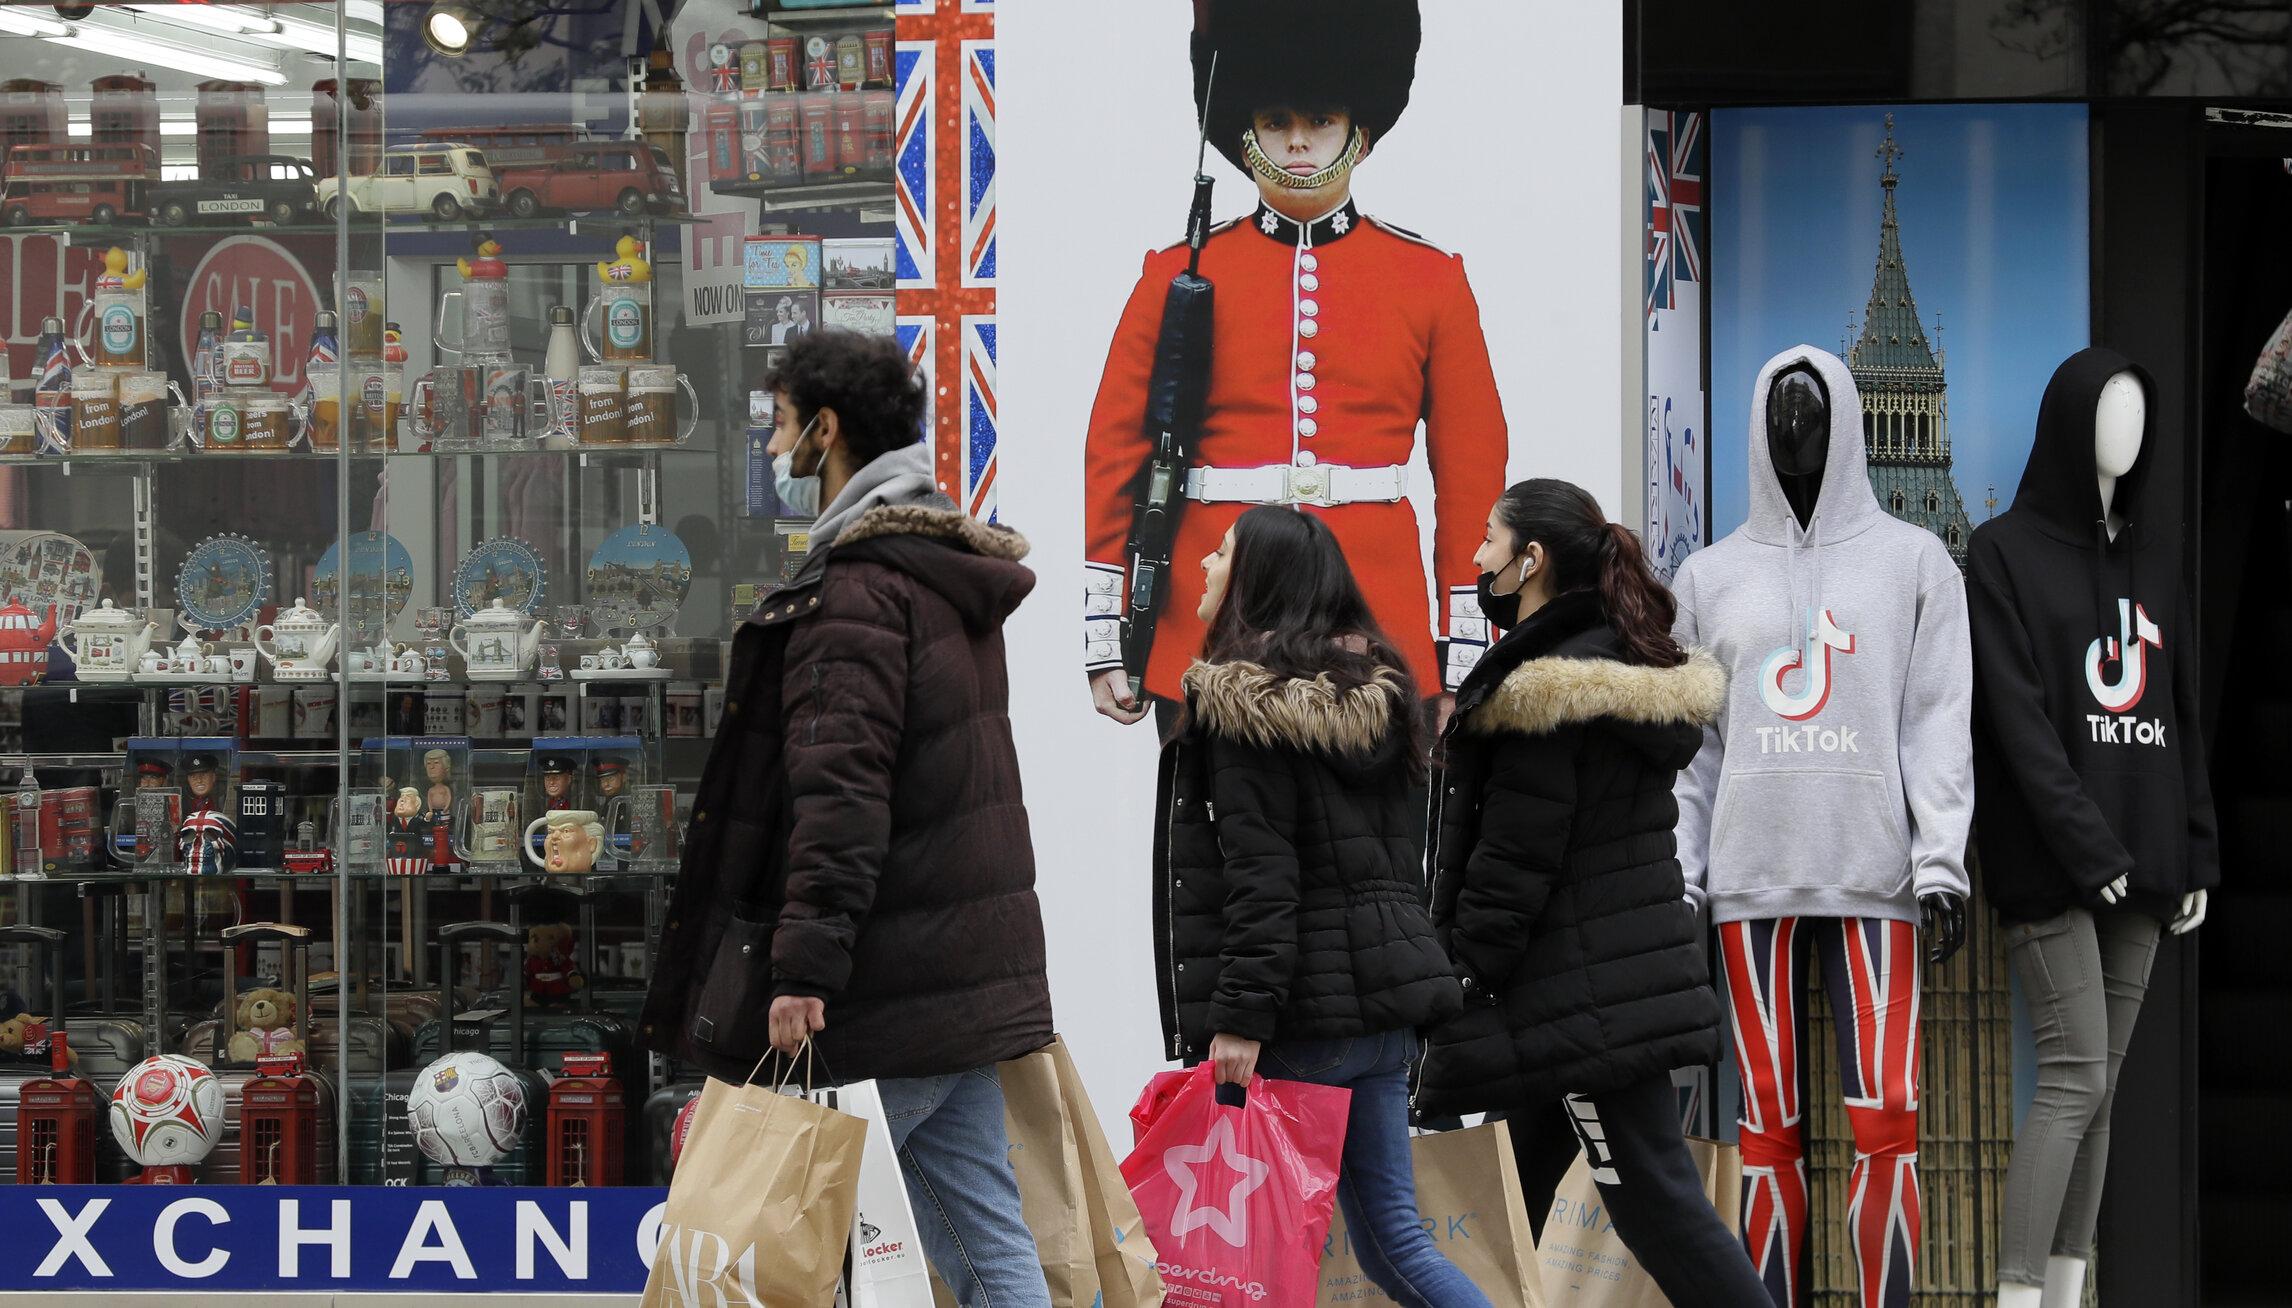 Marea Britanie și Olanda înregistrează creșteri semnificative ale numărului de noi infectări Covid